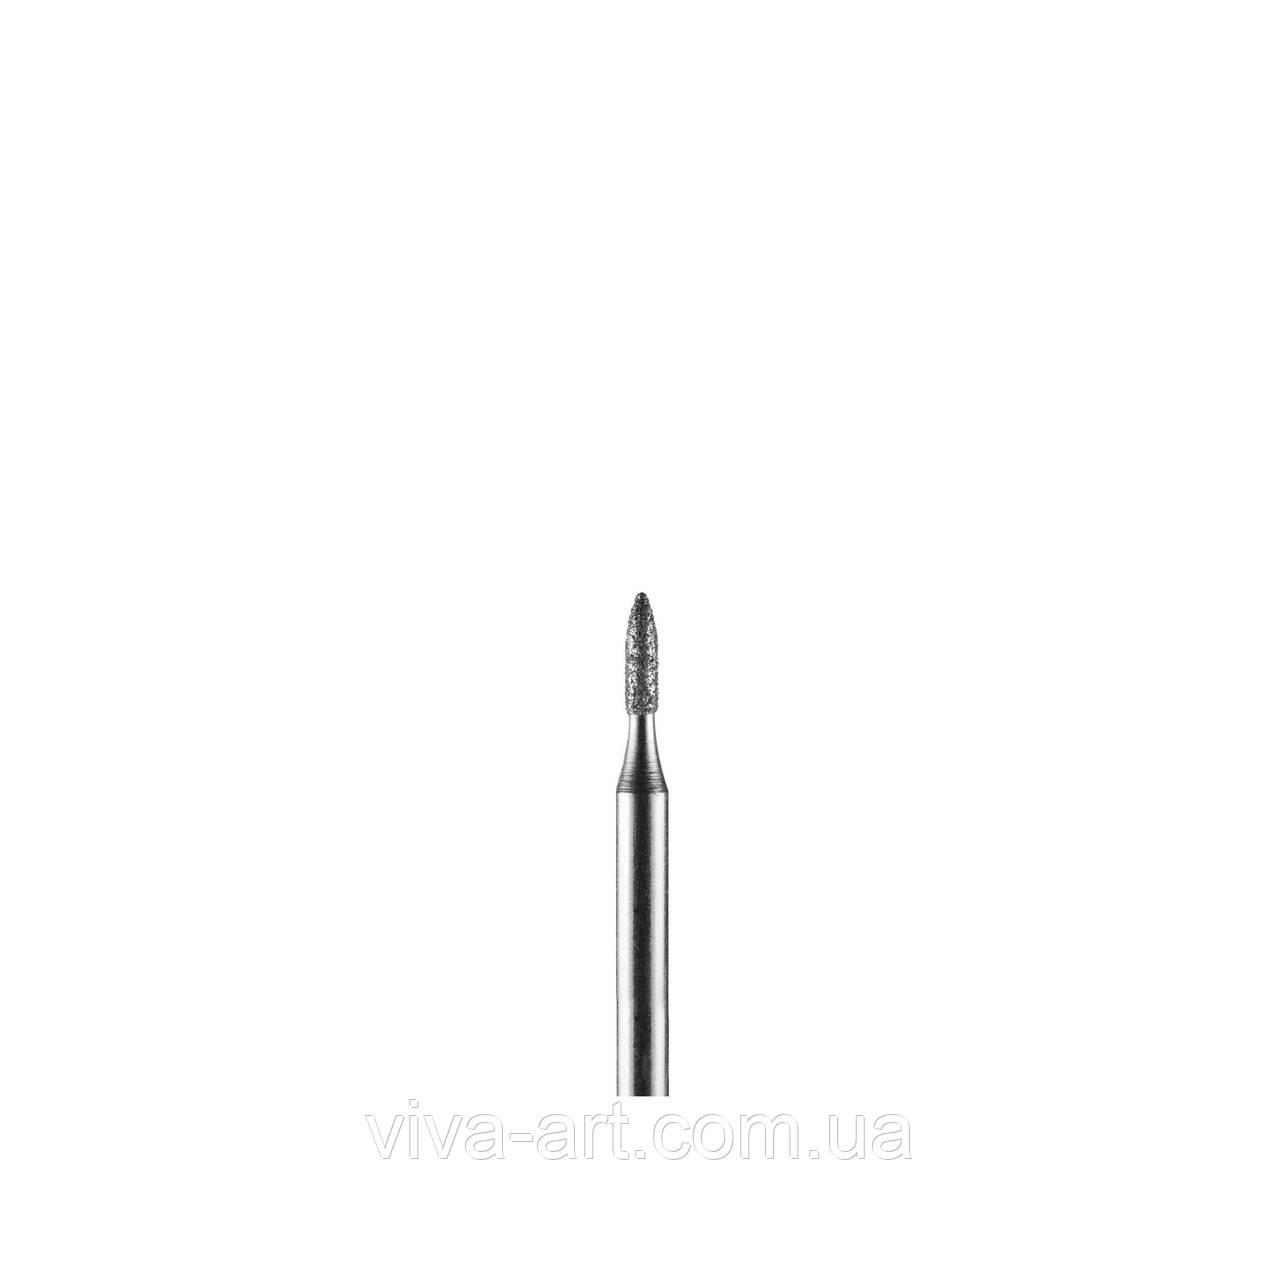 Алмазна насадка піку малий., 1.4 мм, середній абразив, Diaswiss (Швейцарія)